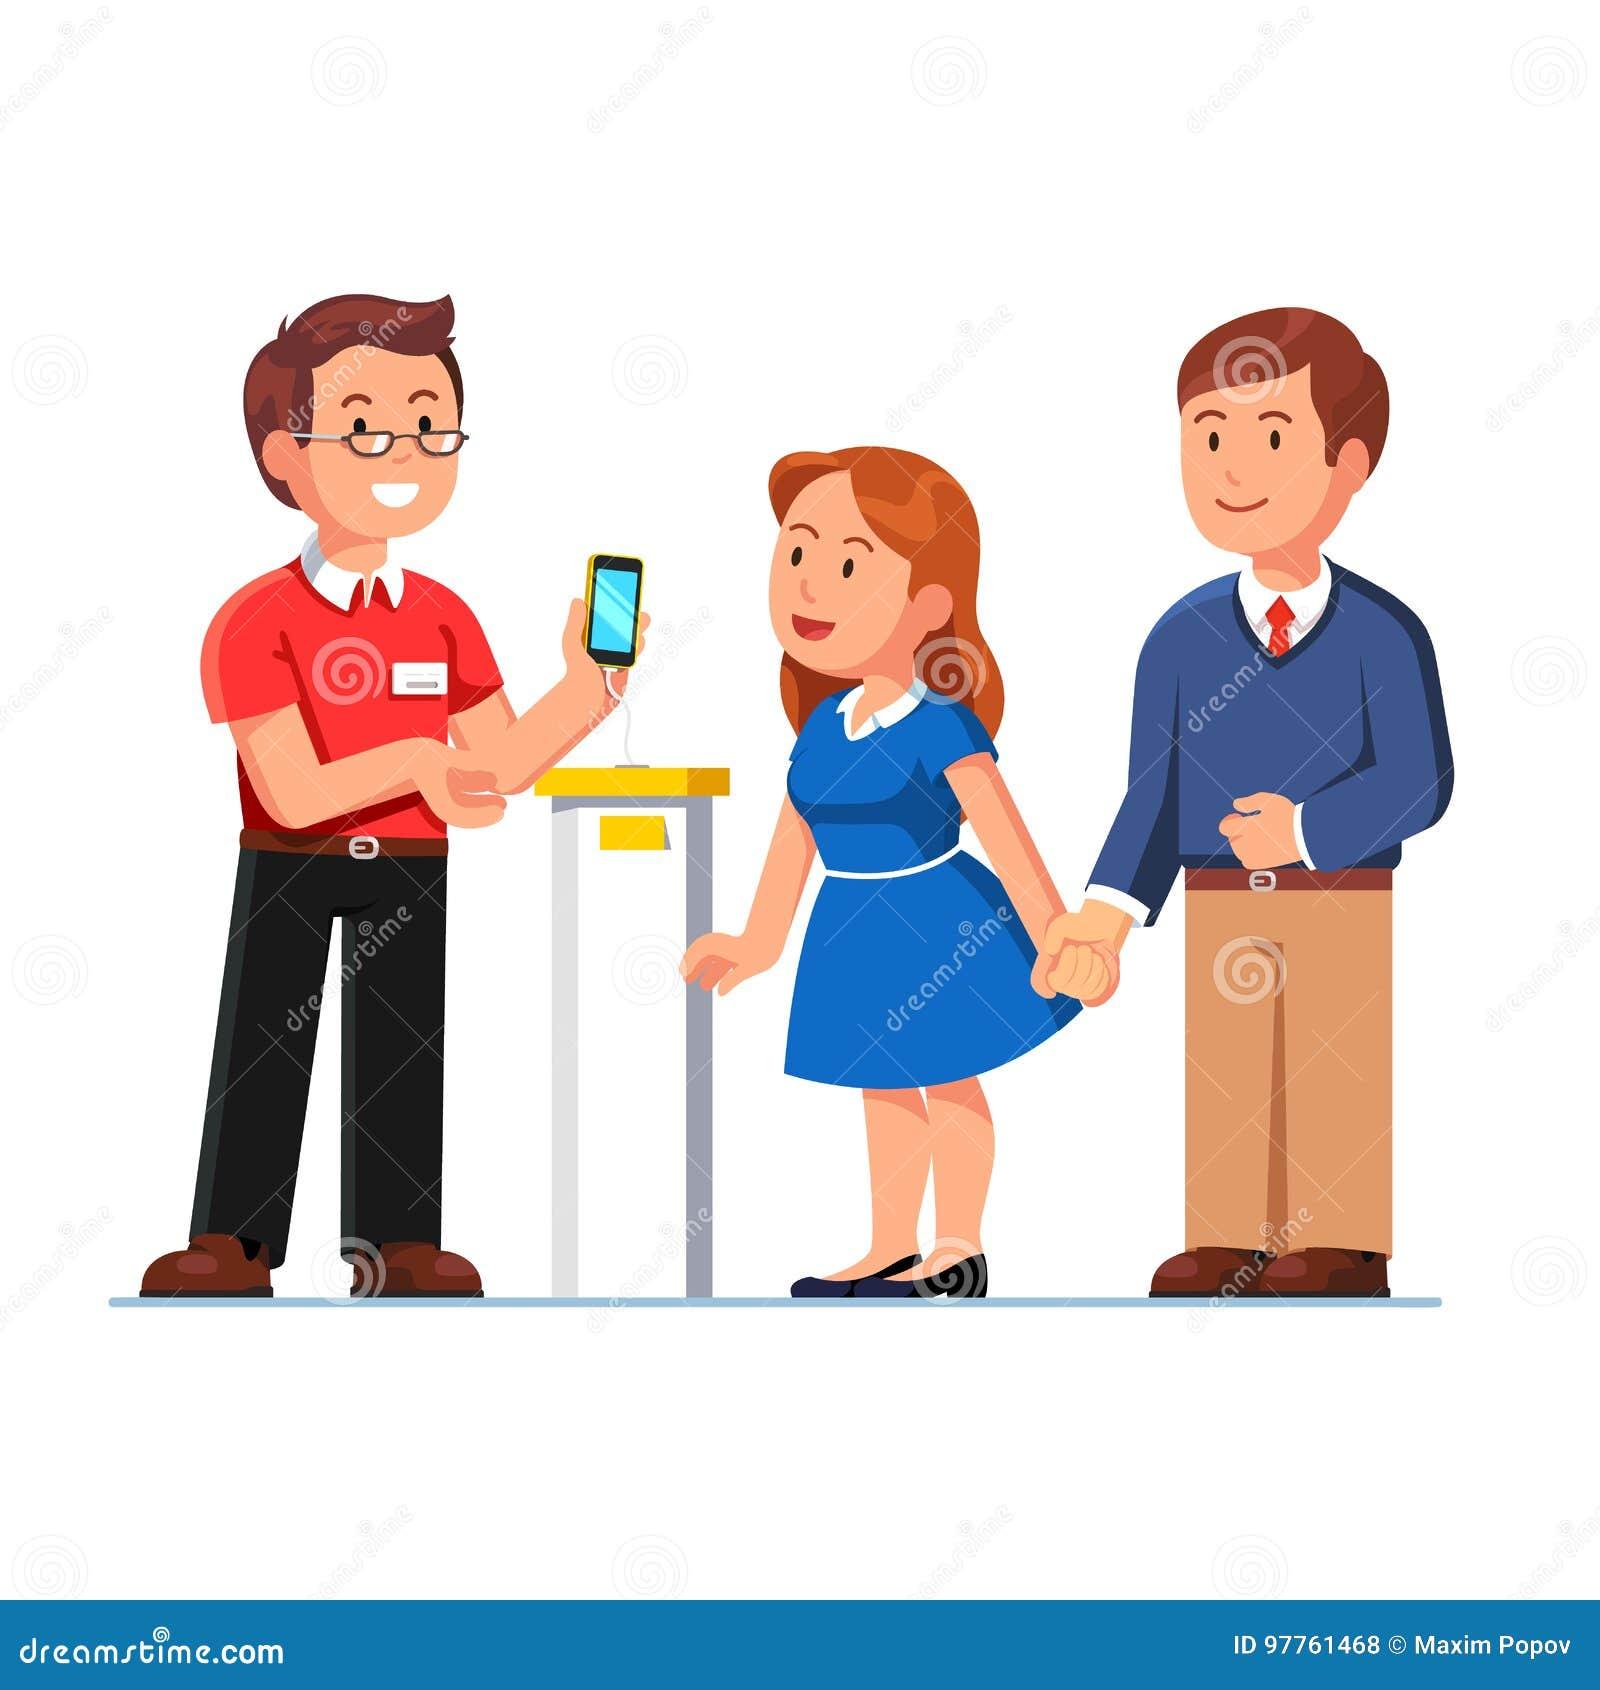 Βοηθητικό smartphone παρουσίασης καταστημάτων στους πελάτες